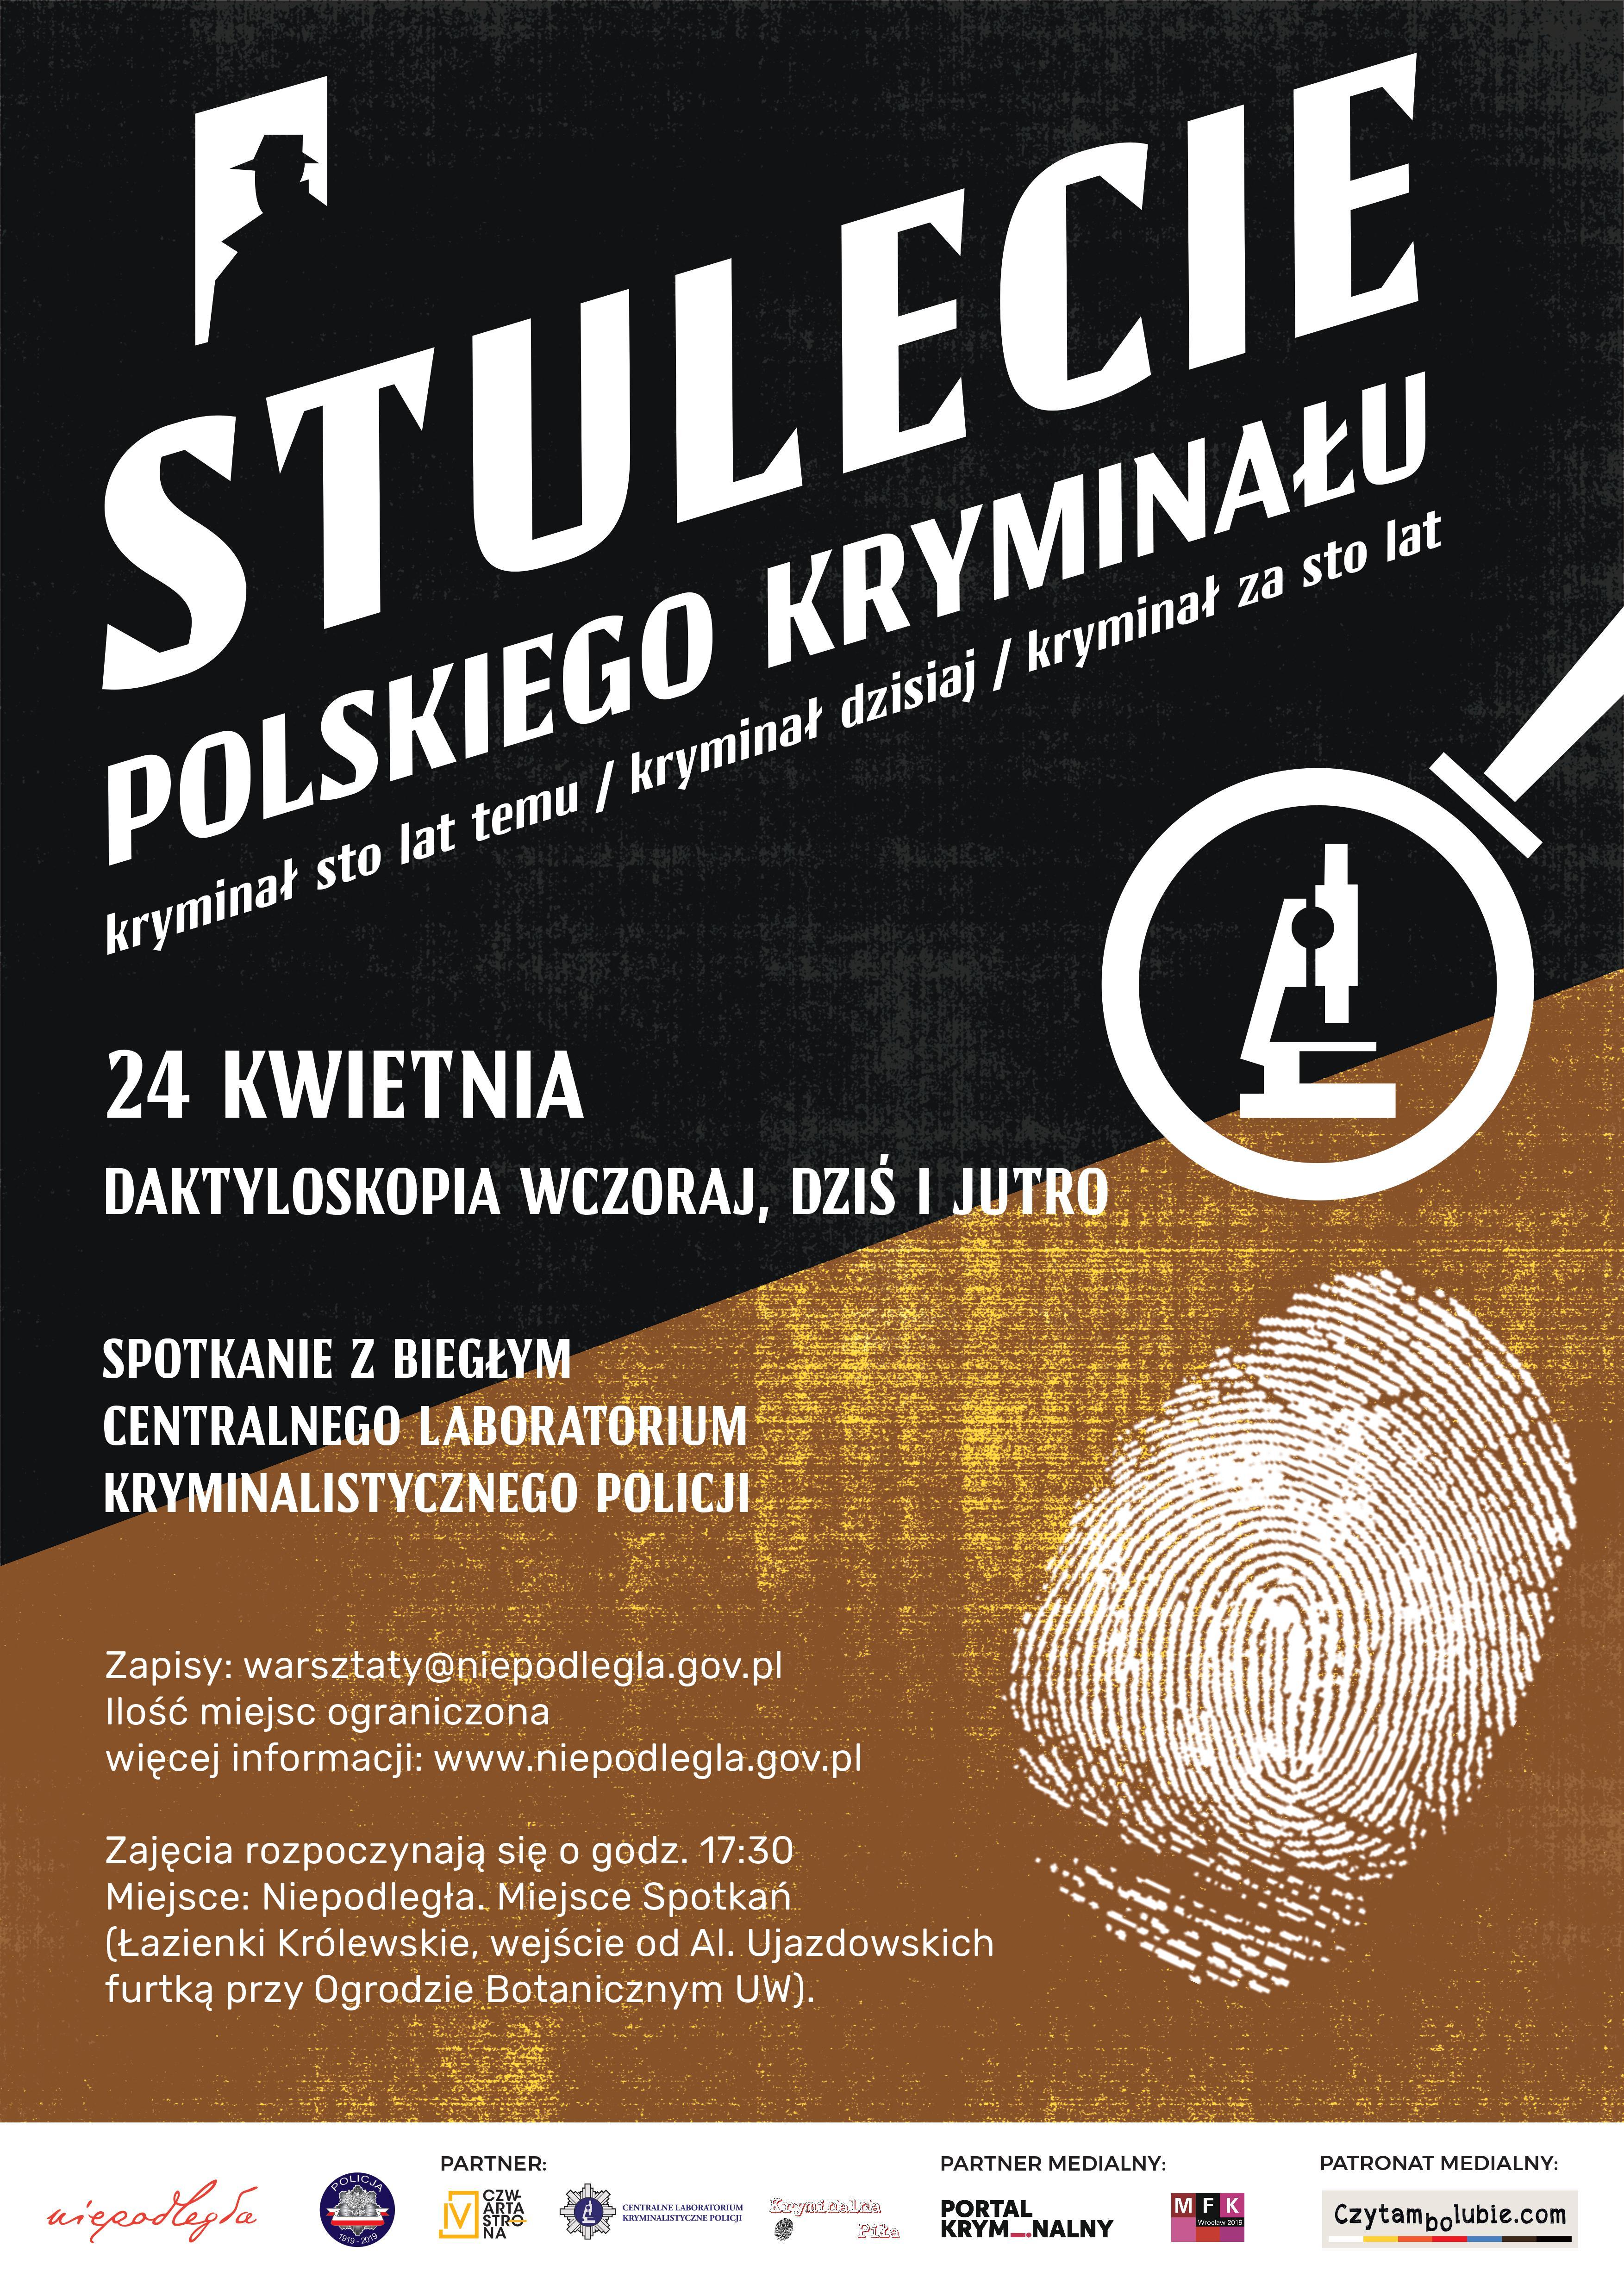 plakat konkursu wraz z odbitką linii papilarnych palca po prawej stronie oraz symbolem mikroskopu i lupy